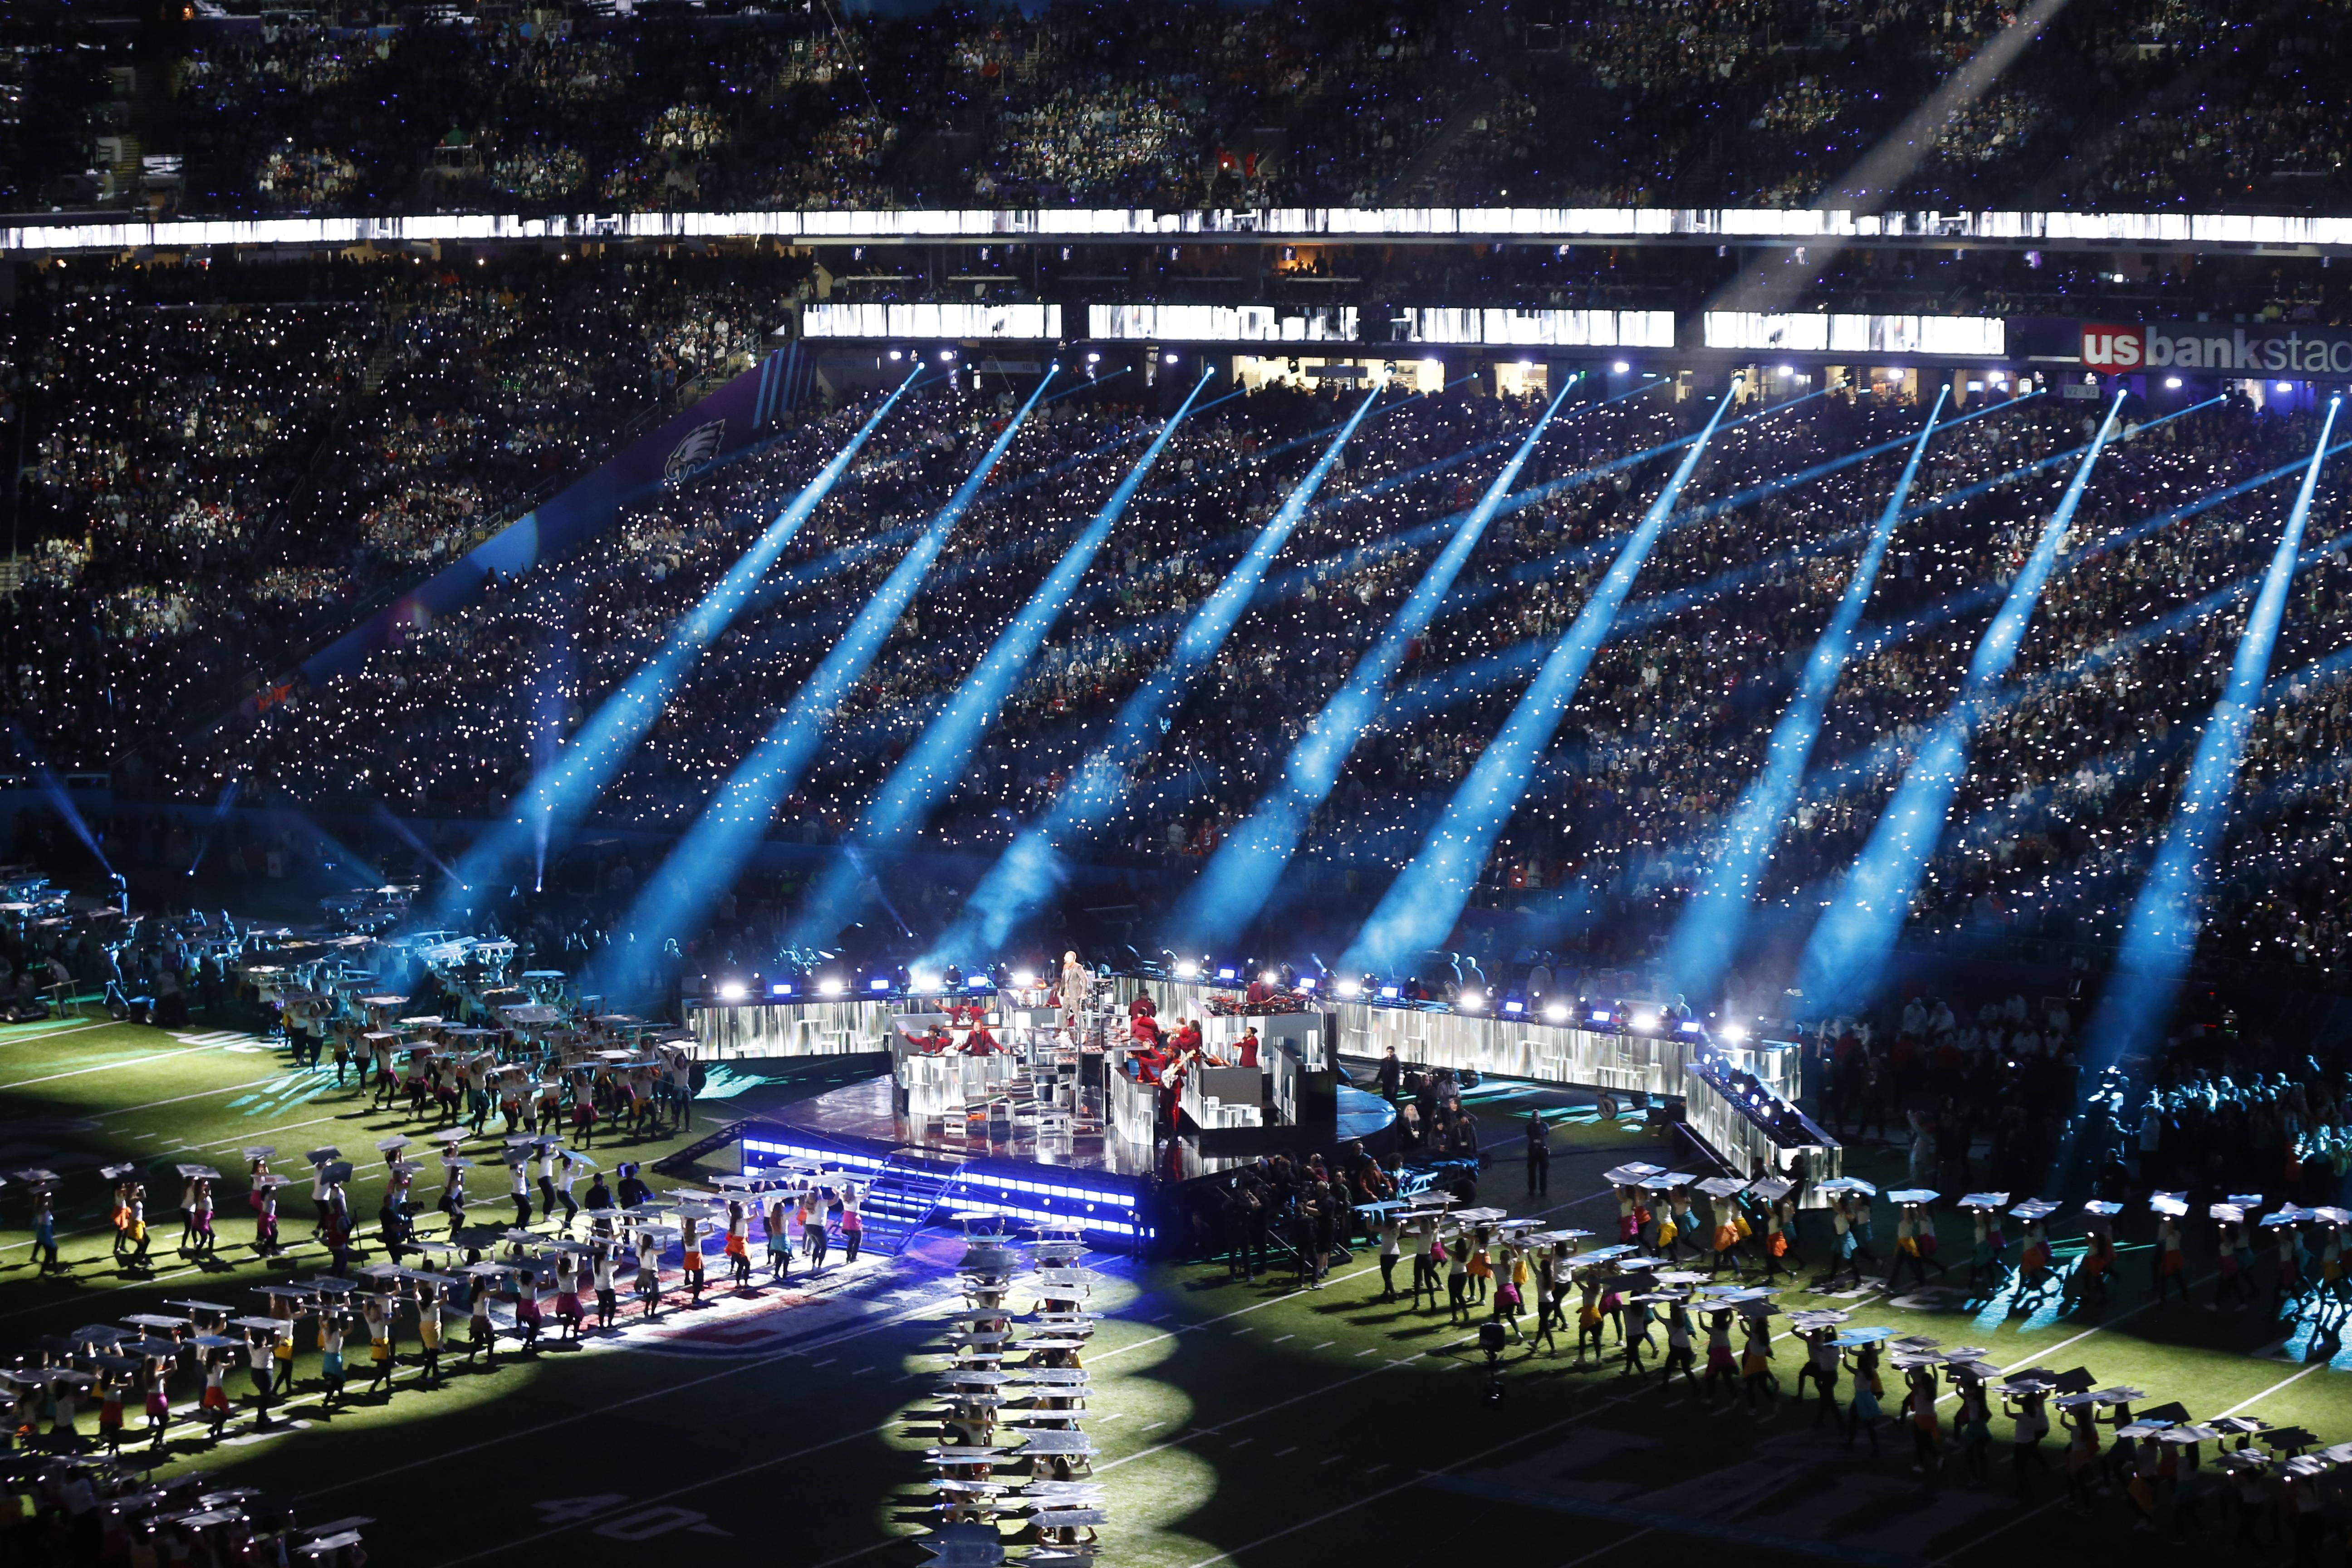 微博成为2018赛季NFL中国官方社交媒体平台